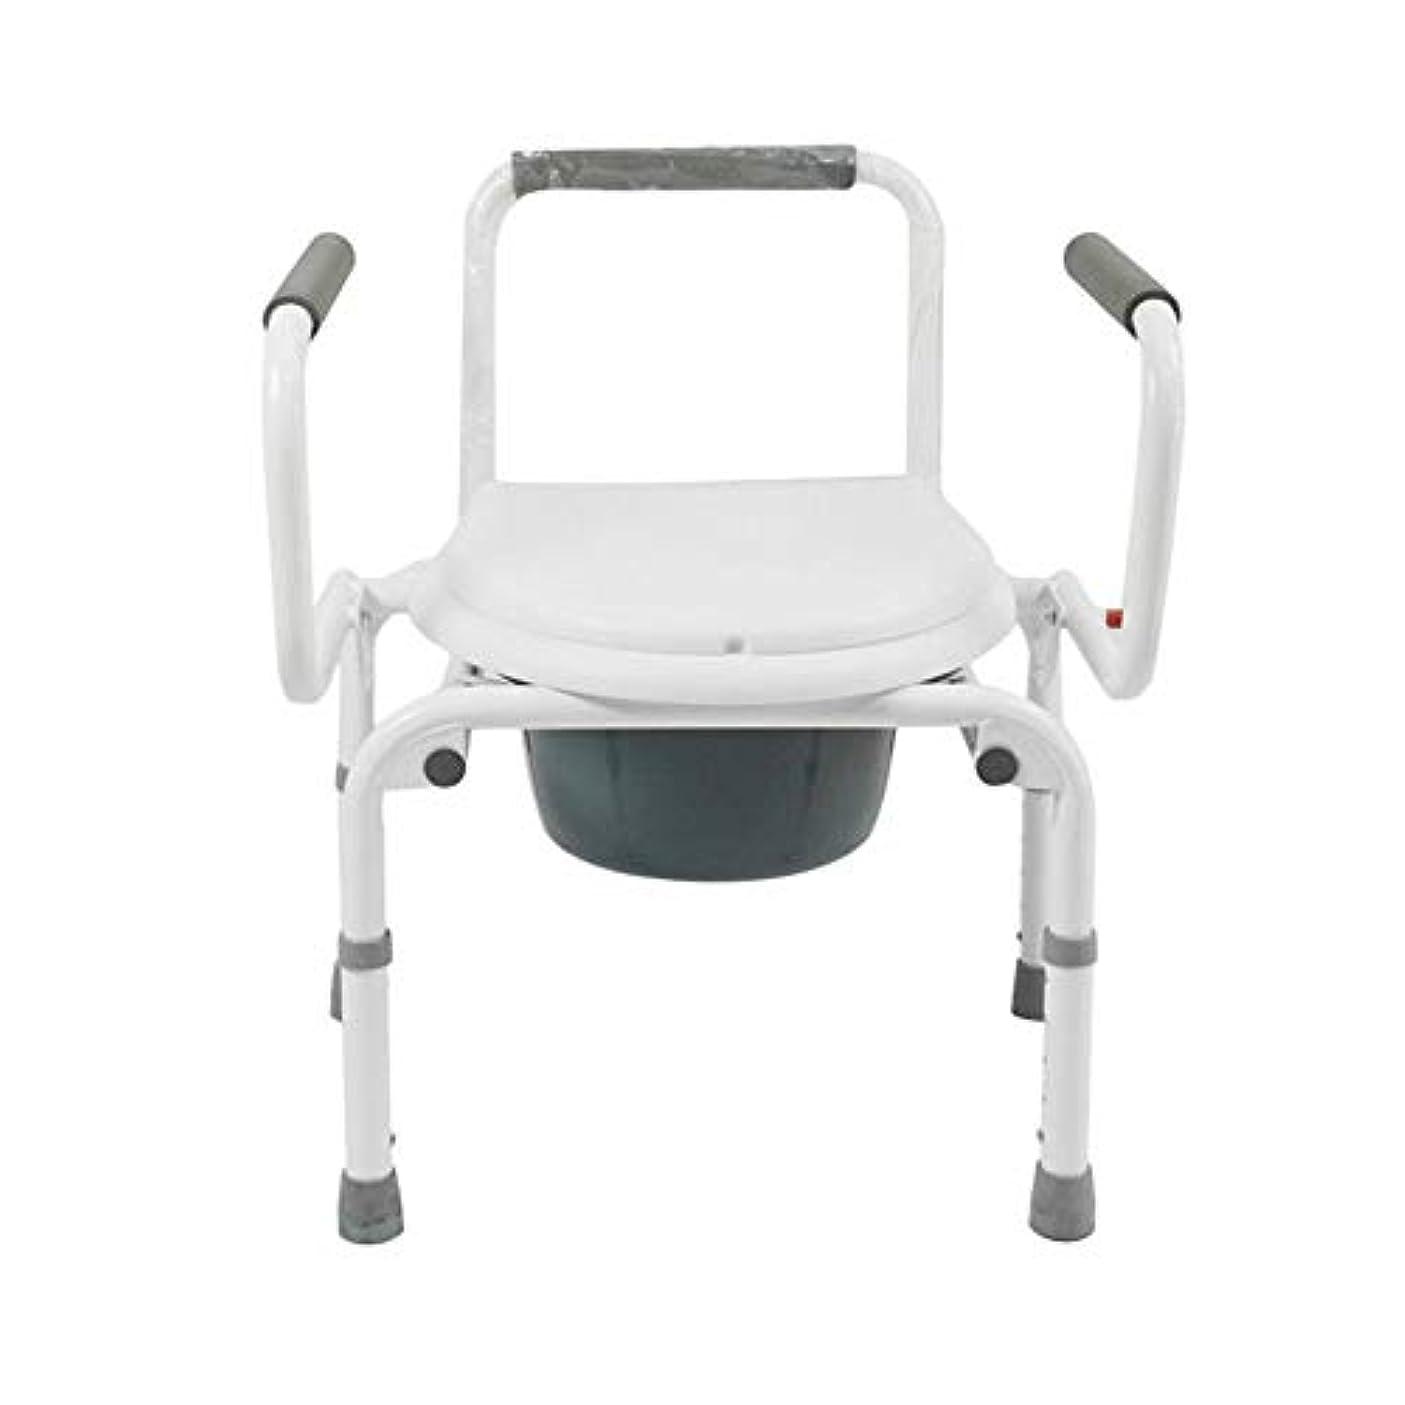 シネマコークス検査官便器椅子折りたたみバケットモバイルトイレスツール上下調節アームレストホーム用ポータブルトイレシート